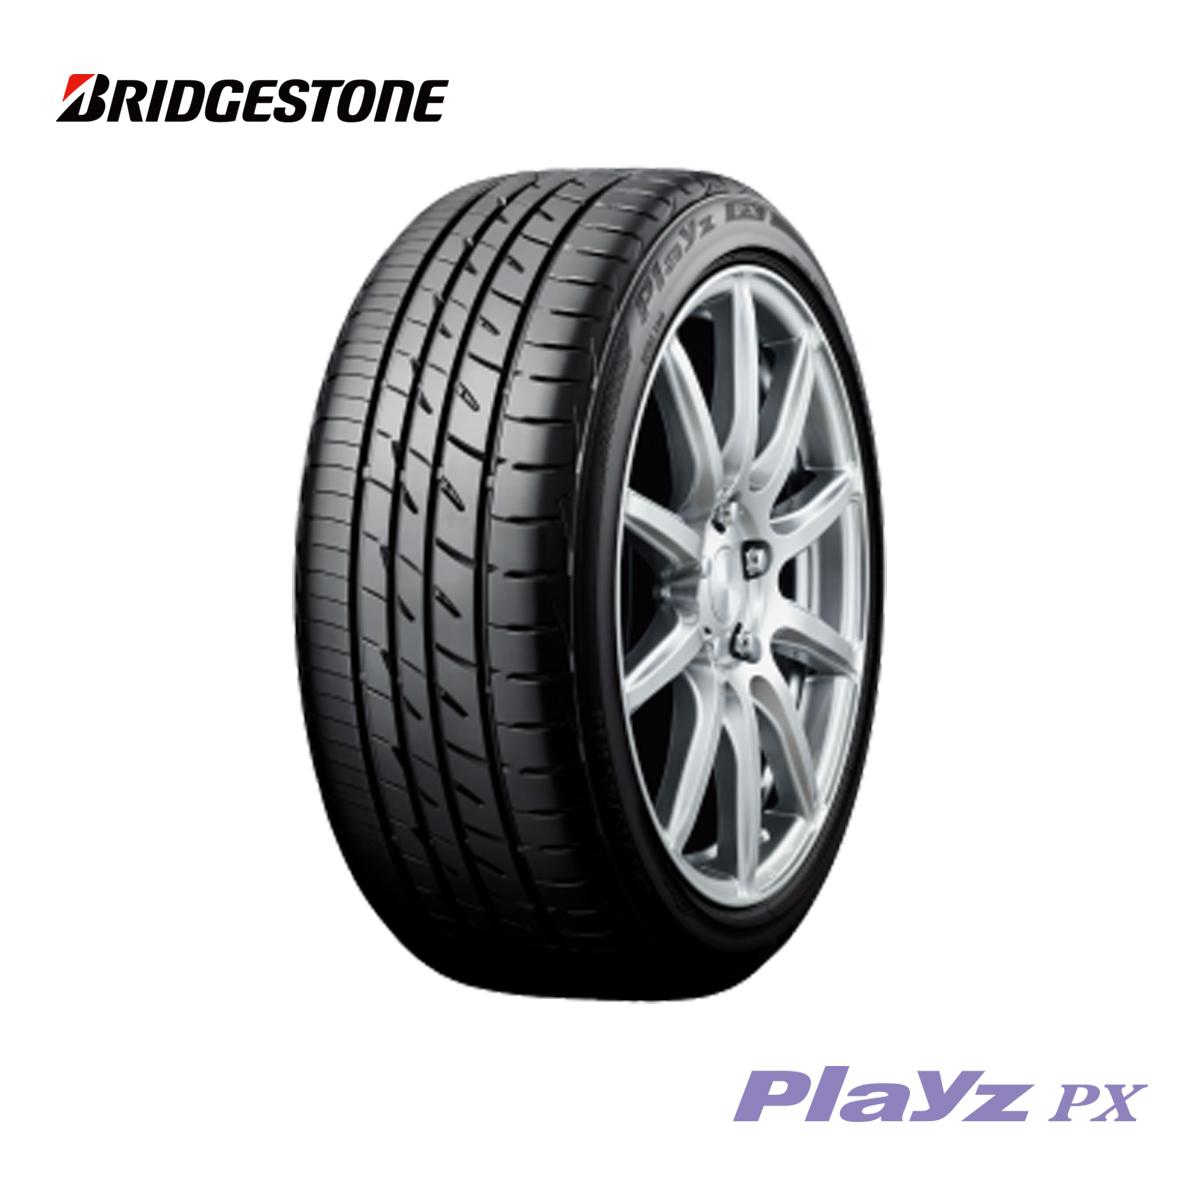 ブリヂストン BS 17インチ タイヤ 225/45R17 225 45 17 94W XL プレイズ サマー タイヤ 1本 94W XL 低燃費 エコ 夏 セダン クーペ BRIDGESTONE Playz PX